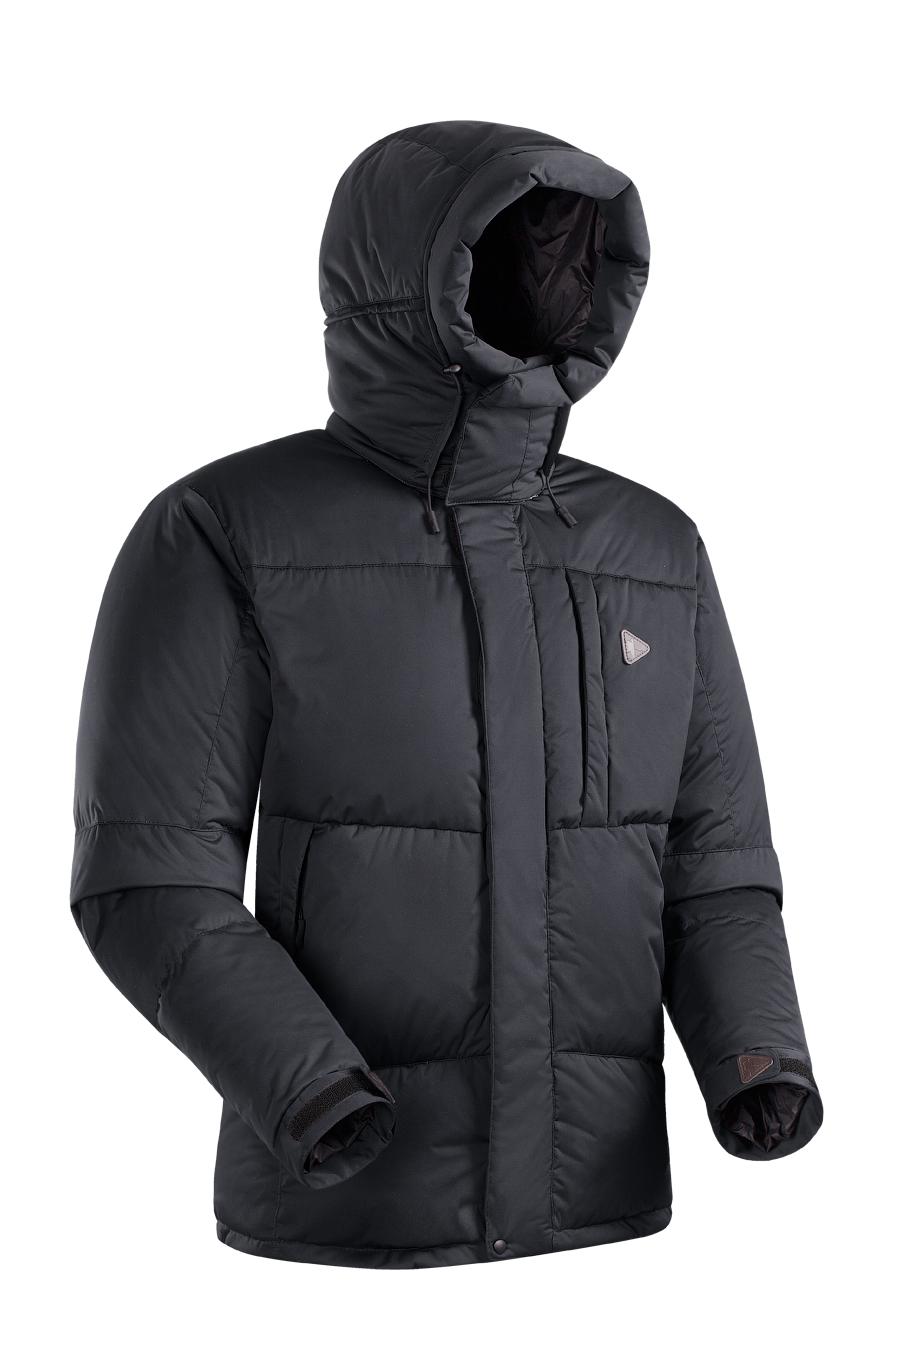 Пуховая куртка BASK AVALANCHE  LUXE 5452Тёплая пуховая куртка для города и активного отдыха. Мягкая и эластичная мембранная ткань Advance&amp;reg; Lux надёжно защитит от ветра и осадков.<br><br>Верхняя ткань: Advance® Lux<br>Вес граммы: 1650<br>Ветро-влагозащитные свойства верхней ткани: Да<br>Ветрозащитная планка: Да<br>Ветрозащитная юбка: Нет<br>Влагозащитные молнии: Нет<br>Внутренняя ткань: Advance® Classic<br>Водонепроницаемость: 10000<br>Дублирующий центральную молнию клапан: Да<br>Защитный козырёк капюшона: Нет<br>Капюшон: Съемный<br>Количество внешних карманов: 3<br>Количество внутренних карманов: 2<br>Коллекция: BASK CITY<br>Мембрана: Advance® 2L<br>Объемный крой локтевой зоны: Нет<br>Отстёгивающиеся рукава: Нет<br>Паропроницаемость: 20000<br>Показатель Fill Power (для пуховых изделий): 600<br>Пол: Муж.<br>Проклейка швов: Нет<br>Регулировка манжетов рукавов: Да<br>Регулировка низа: Да<br>Регулировка объёма капюшона: Да<br>Регулировка талии: Нет<br>Регулируемые вентиляционные отверстия: Нет<br>Световозвращающая лента: Нет<br>Температурный режим: -15<br>Технология швов: простые<br>Тип молнии: двухзамковая<br>Тип утеплителя: натуральный<br>Ткань усиления: Нет<br>Усиление контактных зон: Нет<br>Утеплитель: гусиный пух<br>Размер RU: 52<br>Цвет: СЕРЫЙ